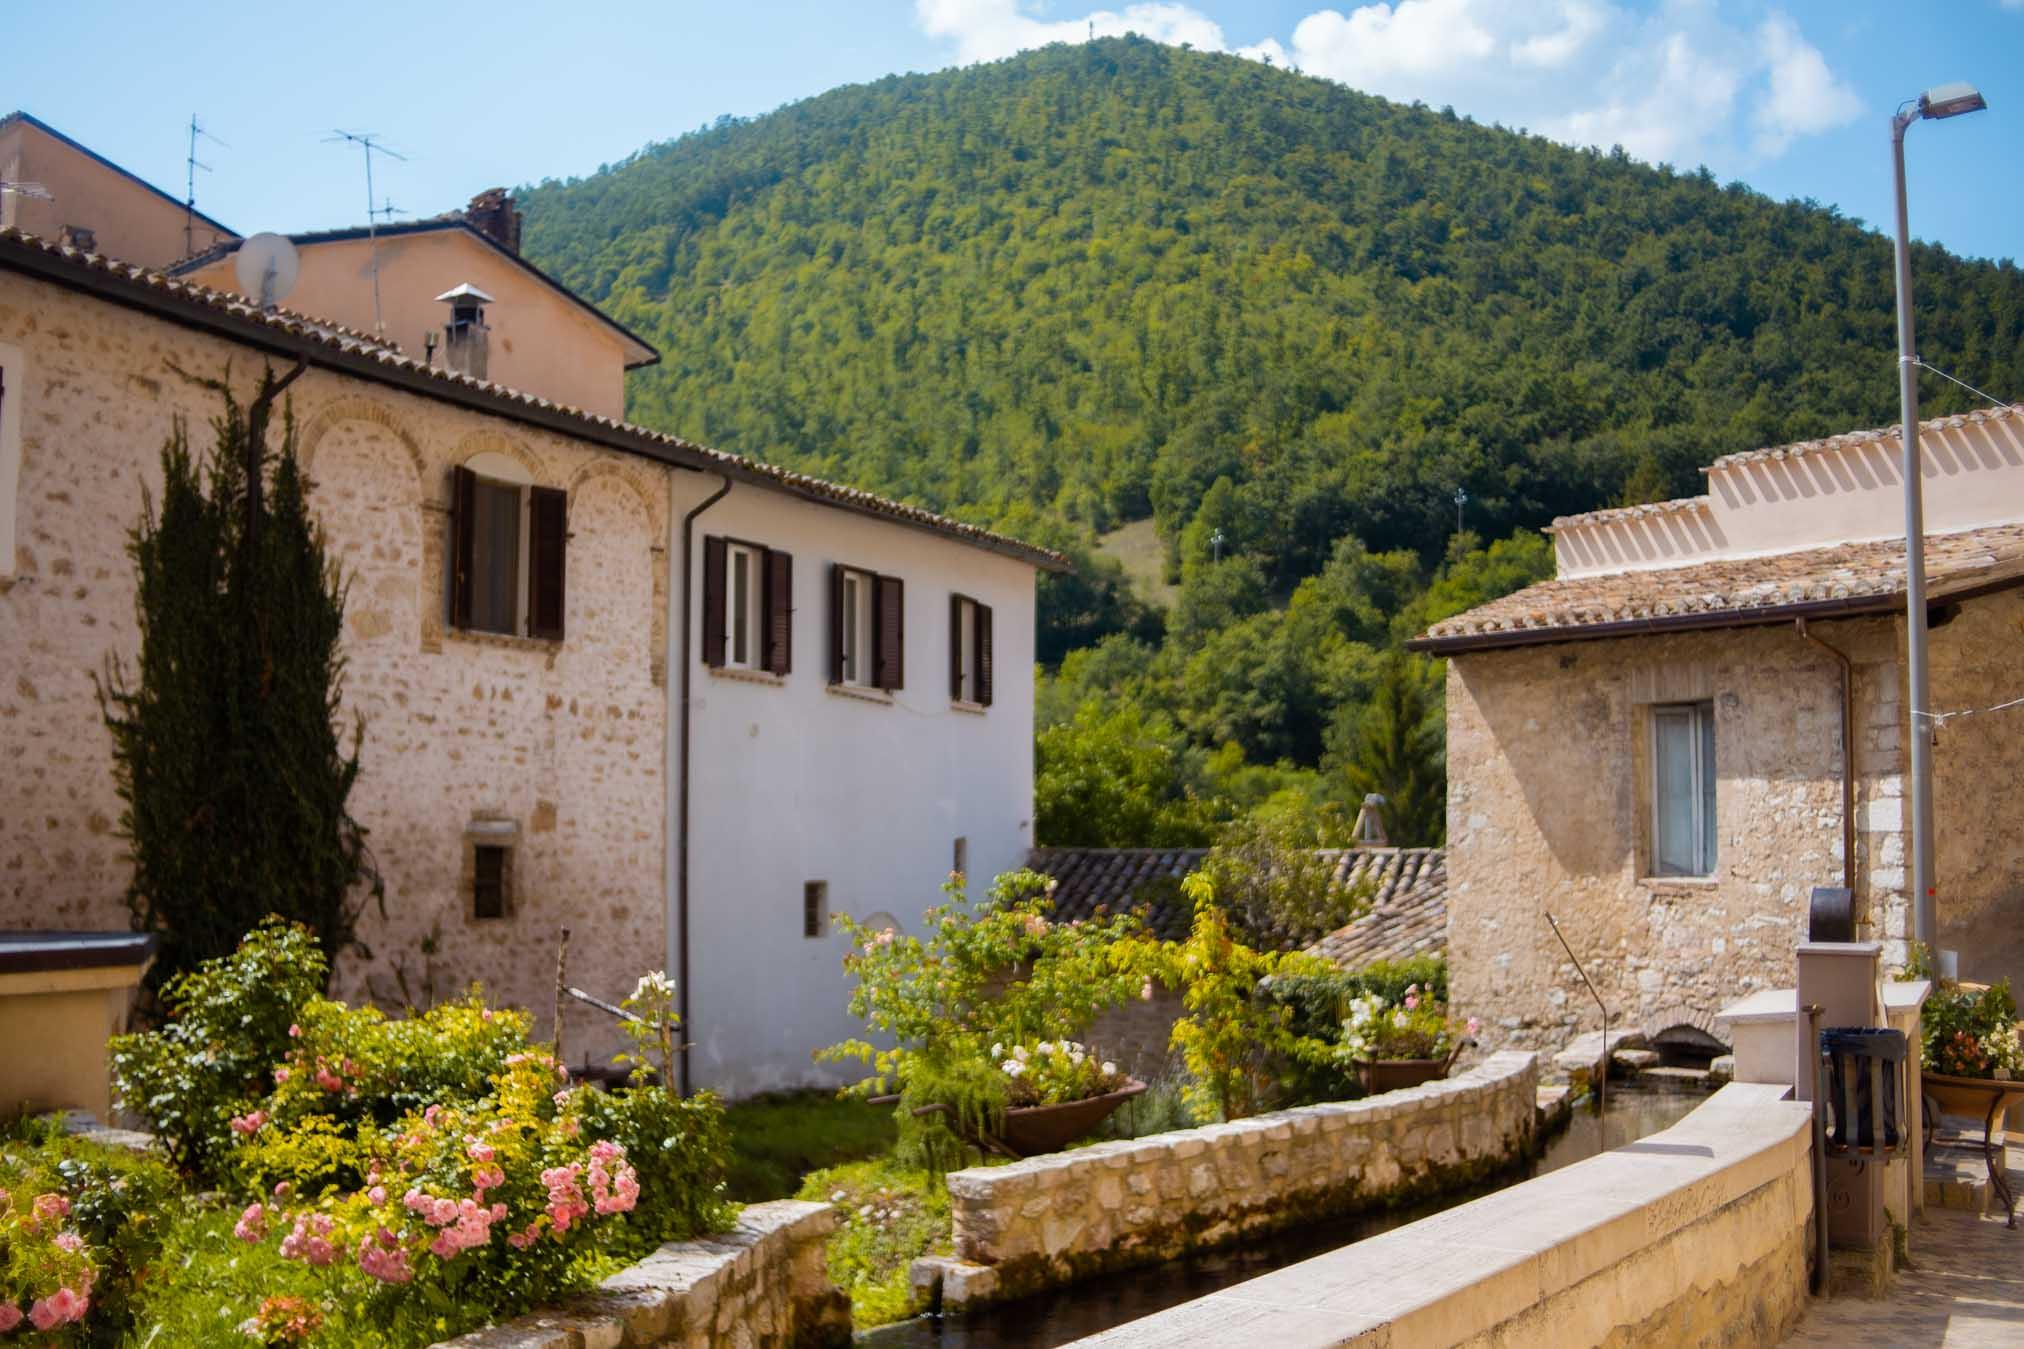 tipiche case del borgo delle acque dell'umbria